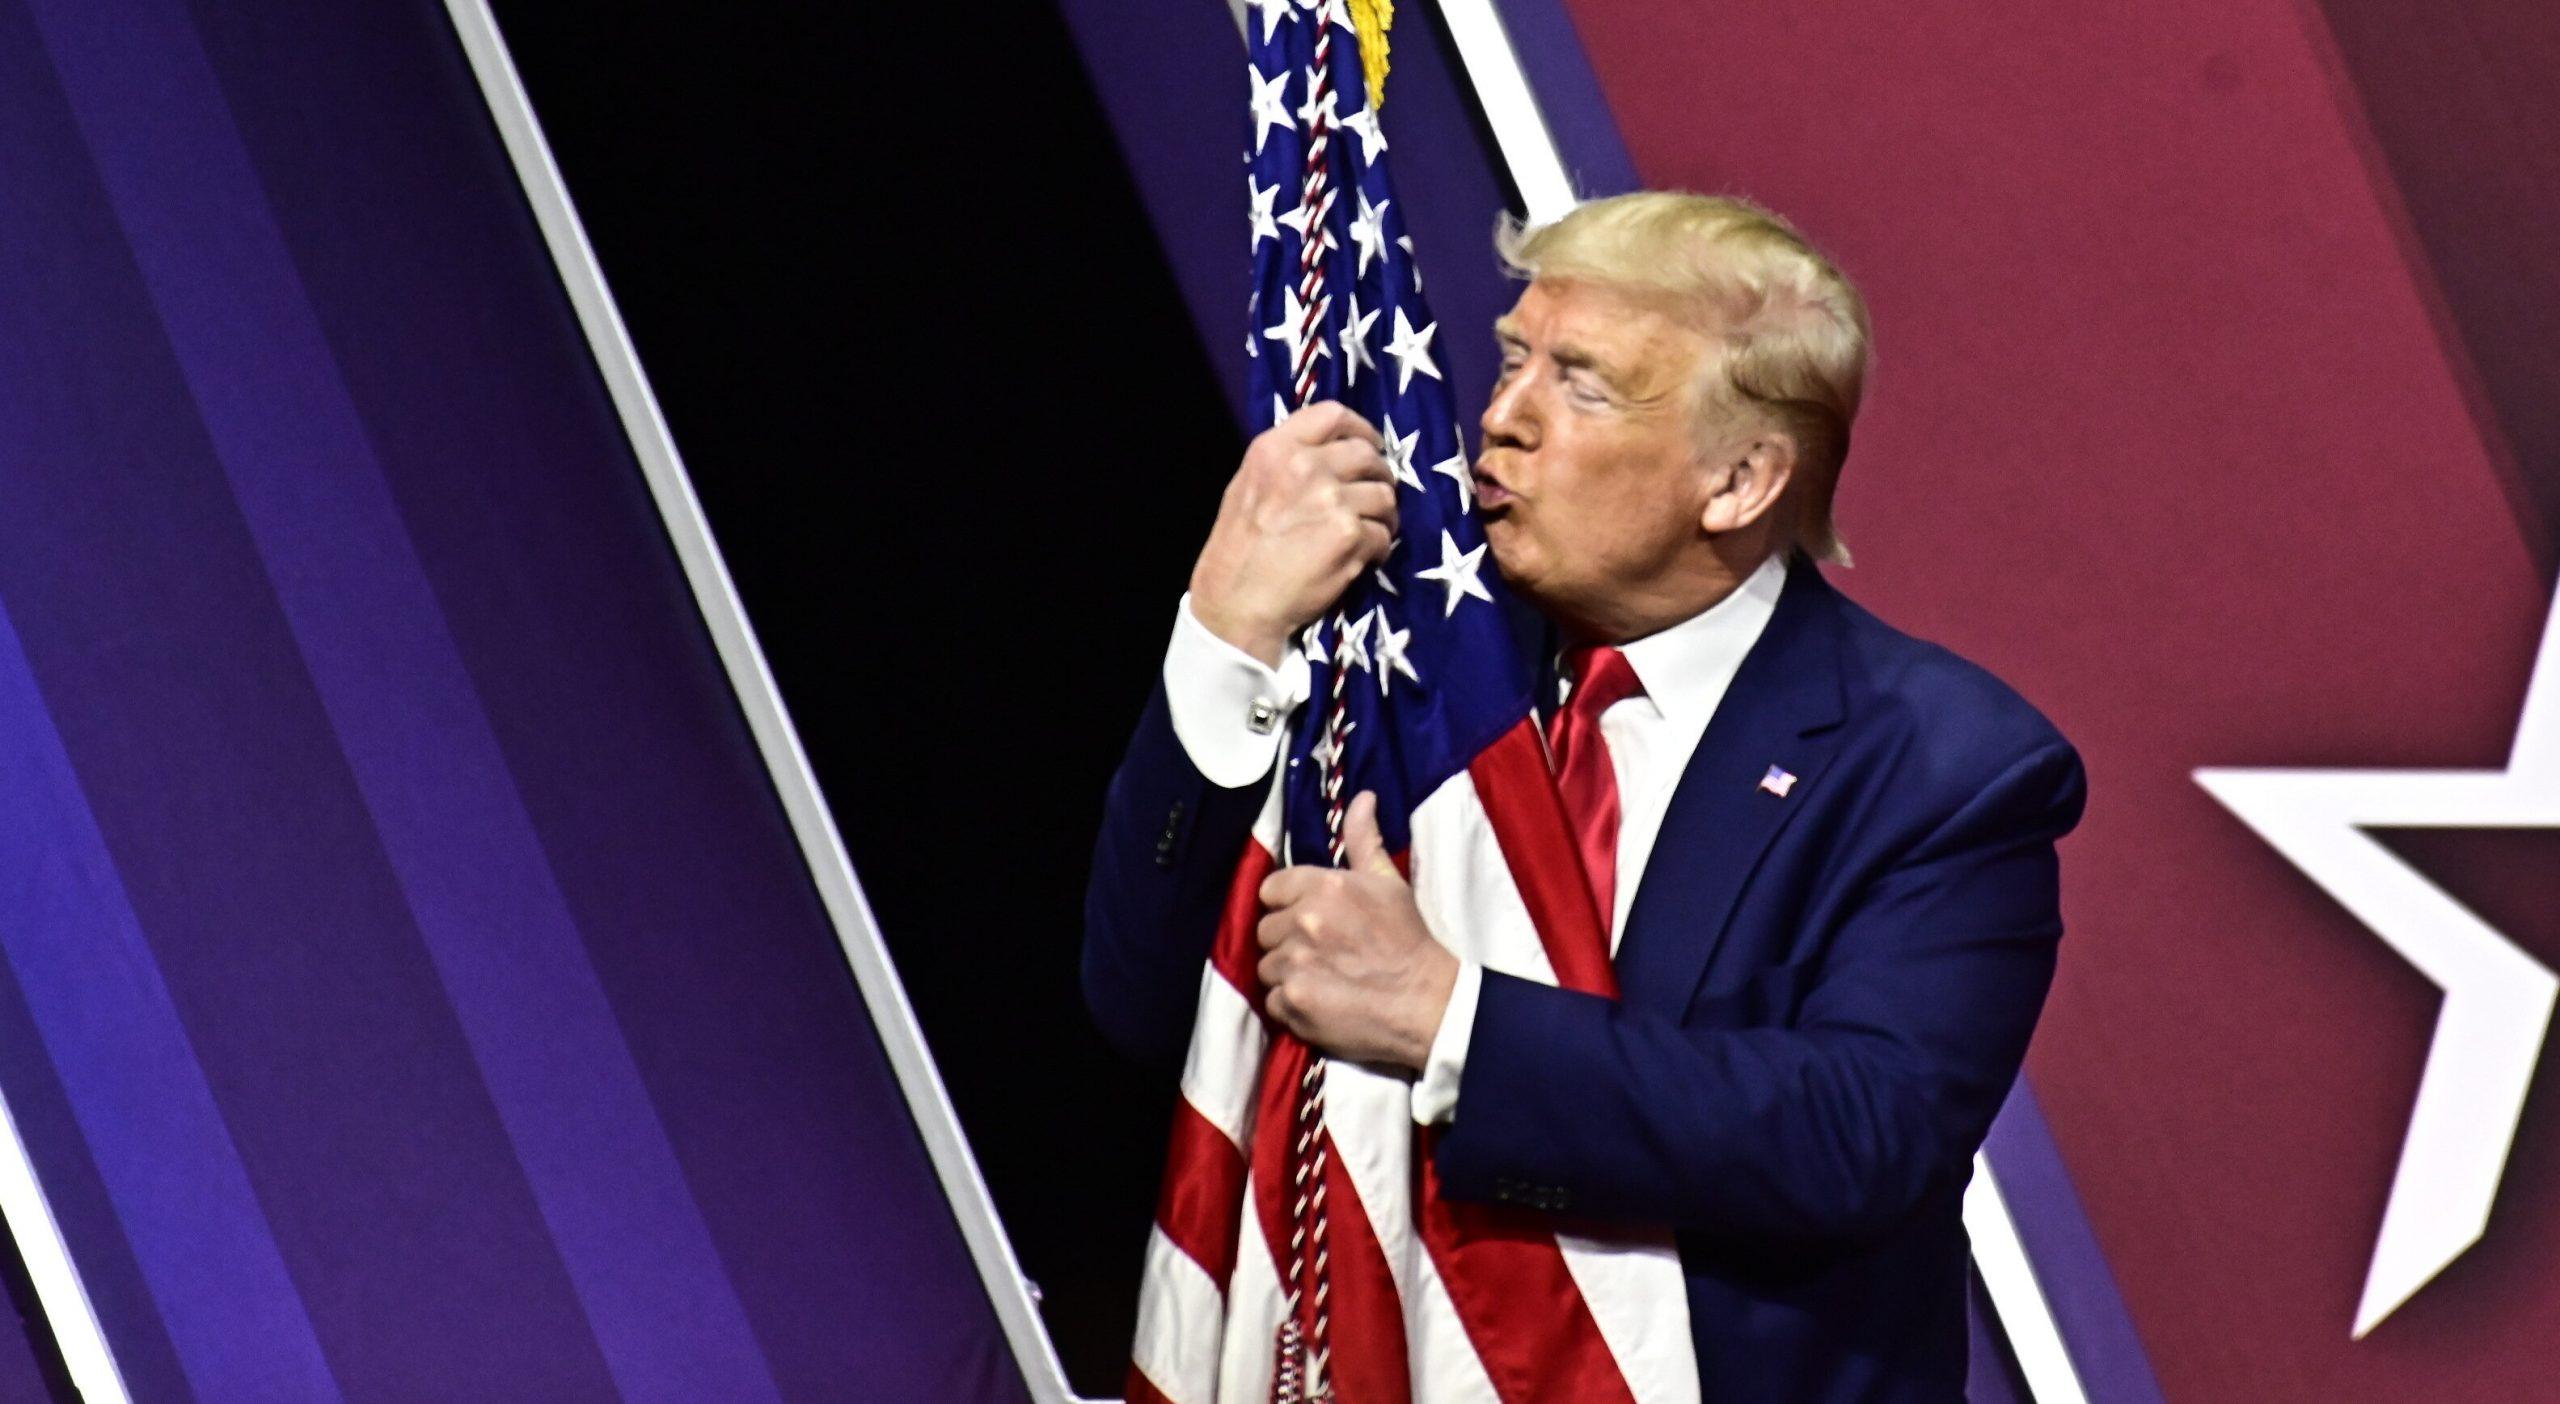 """Americanii care-l susțin pe Trump vor cetățenie rusă. """"Cererea pe care o primim cel mai des din SUA"""""""